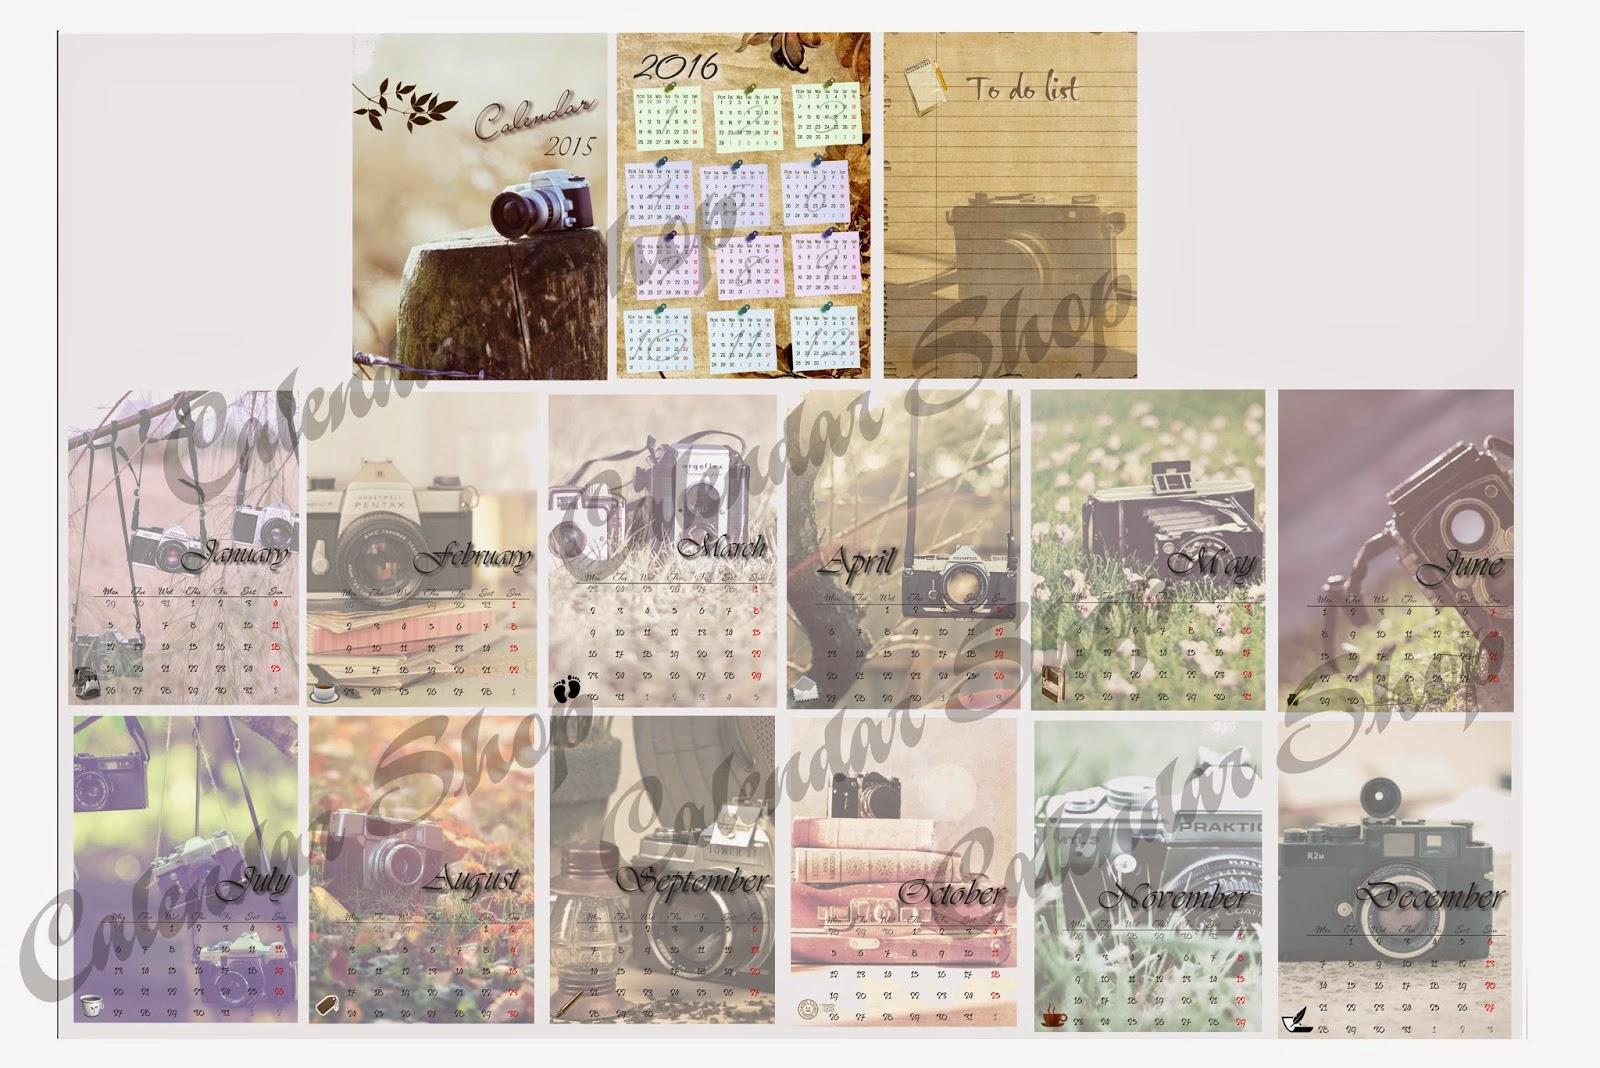 những mẫu thiết kế, in lịch để bàn, lịch cá nhân, số lượng ít, độc đáo, lạ mắt, độc quyền, duy nhất, 2015